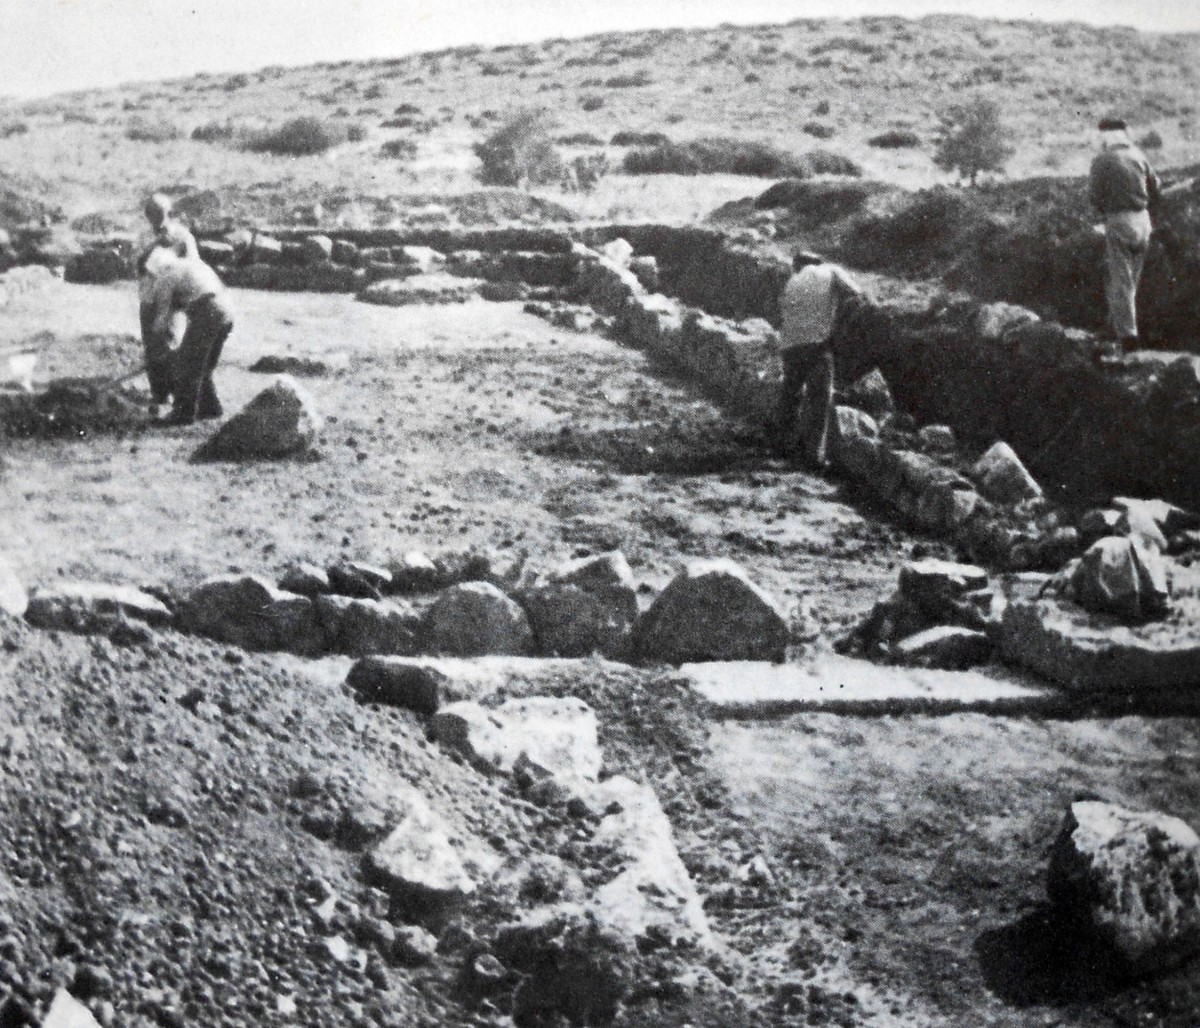 Εικ. 2. Από τις ανασκαφές στο ιερό του Ογχηστίου Ποσειδώνα. Άποψη τμήματος του Βουλευτηρίου (Σπυρόπουλος, «Ανασκαφές εις την Στενήν, Τιλφούσιον», ΑΑΑ 6 (1973), σ. 382).